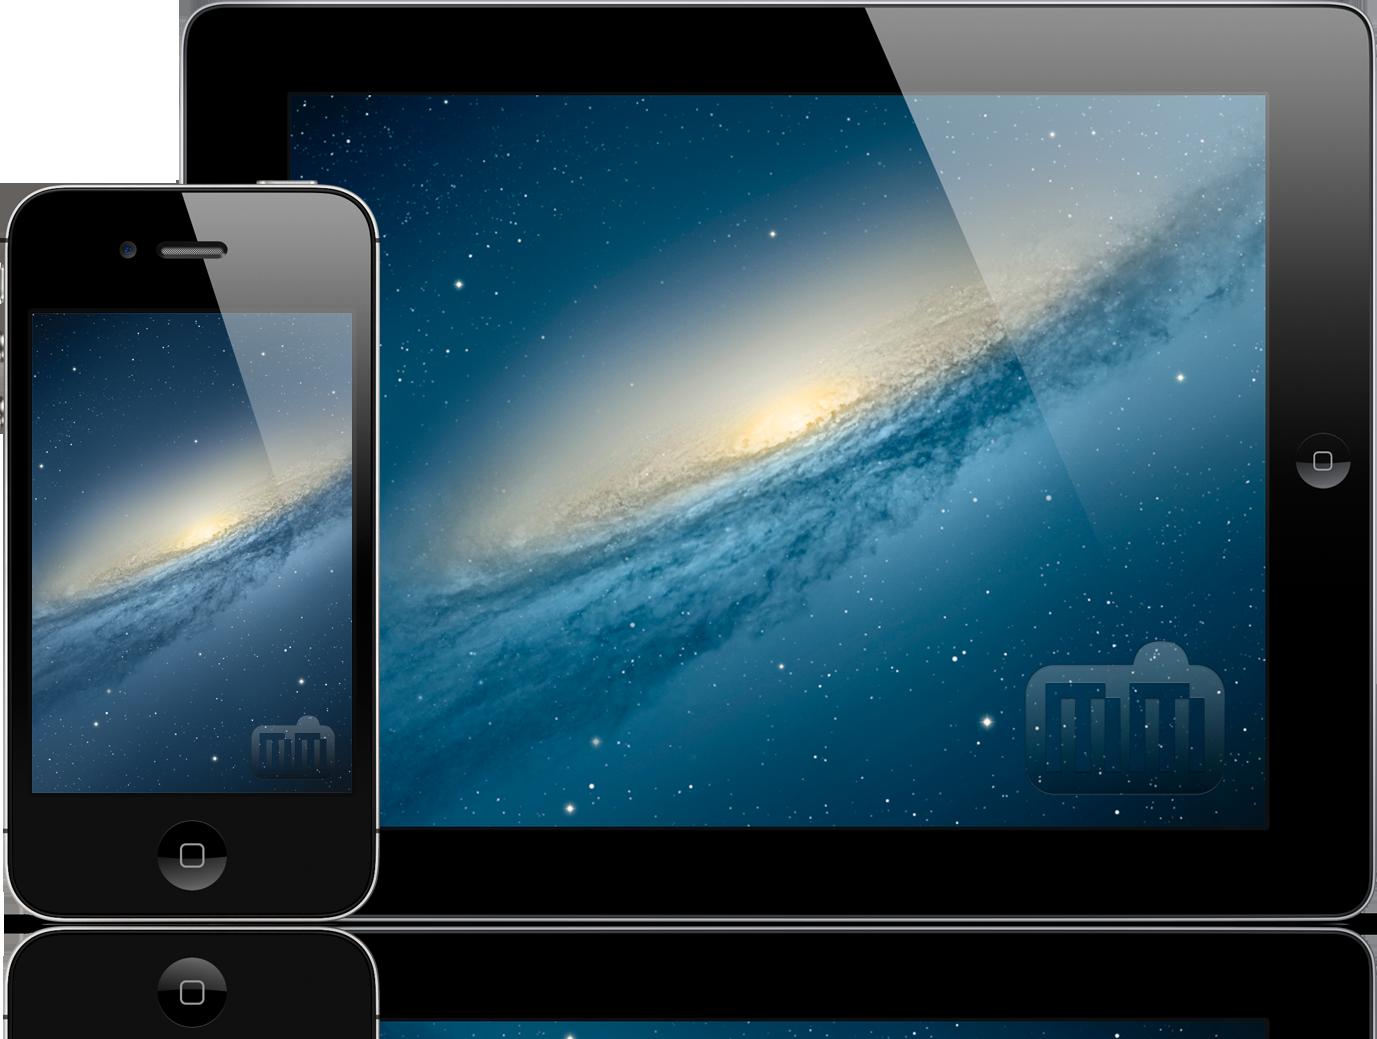 Wallpaper do OS X Mountain Lion em iGadgets